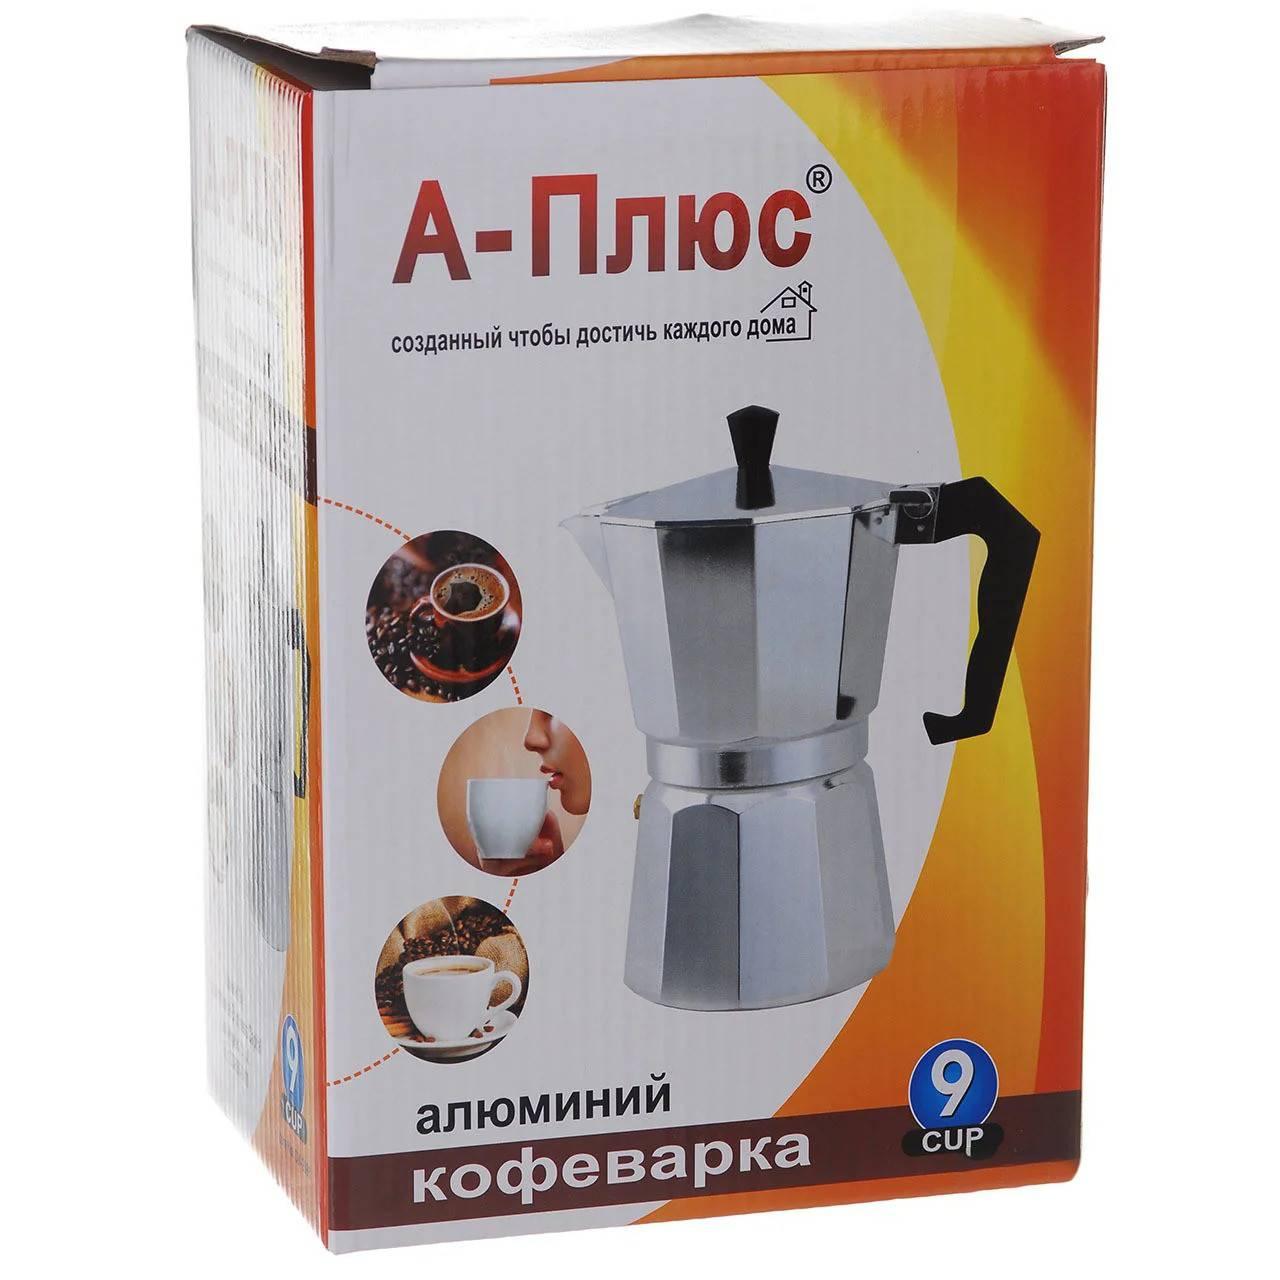 Преимущества и недостатки гейзерной электрической кофеварки (+обзор цен)